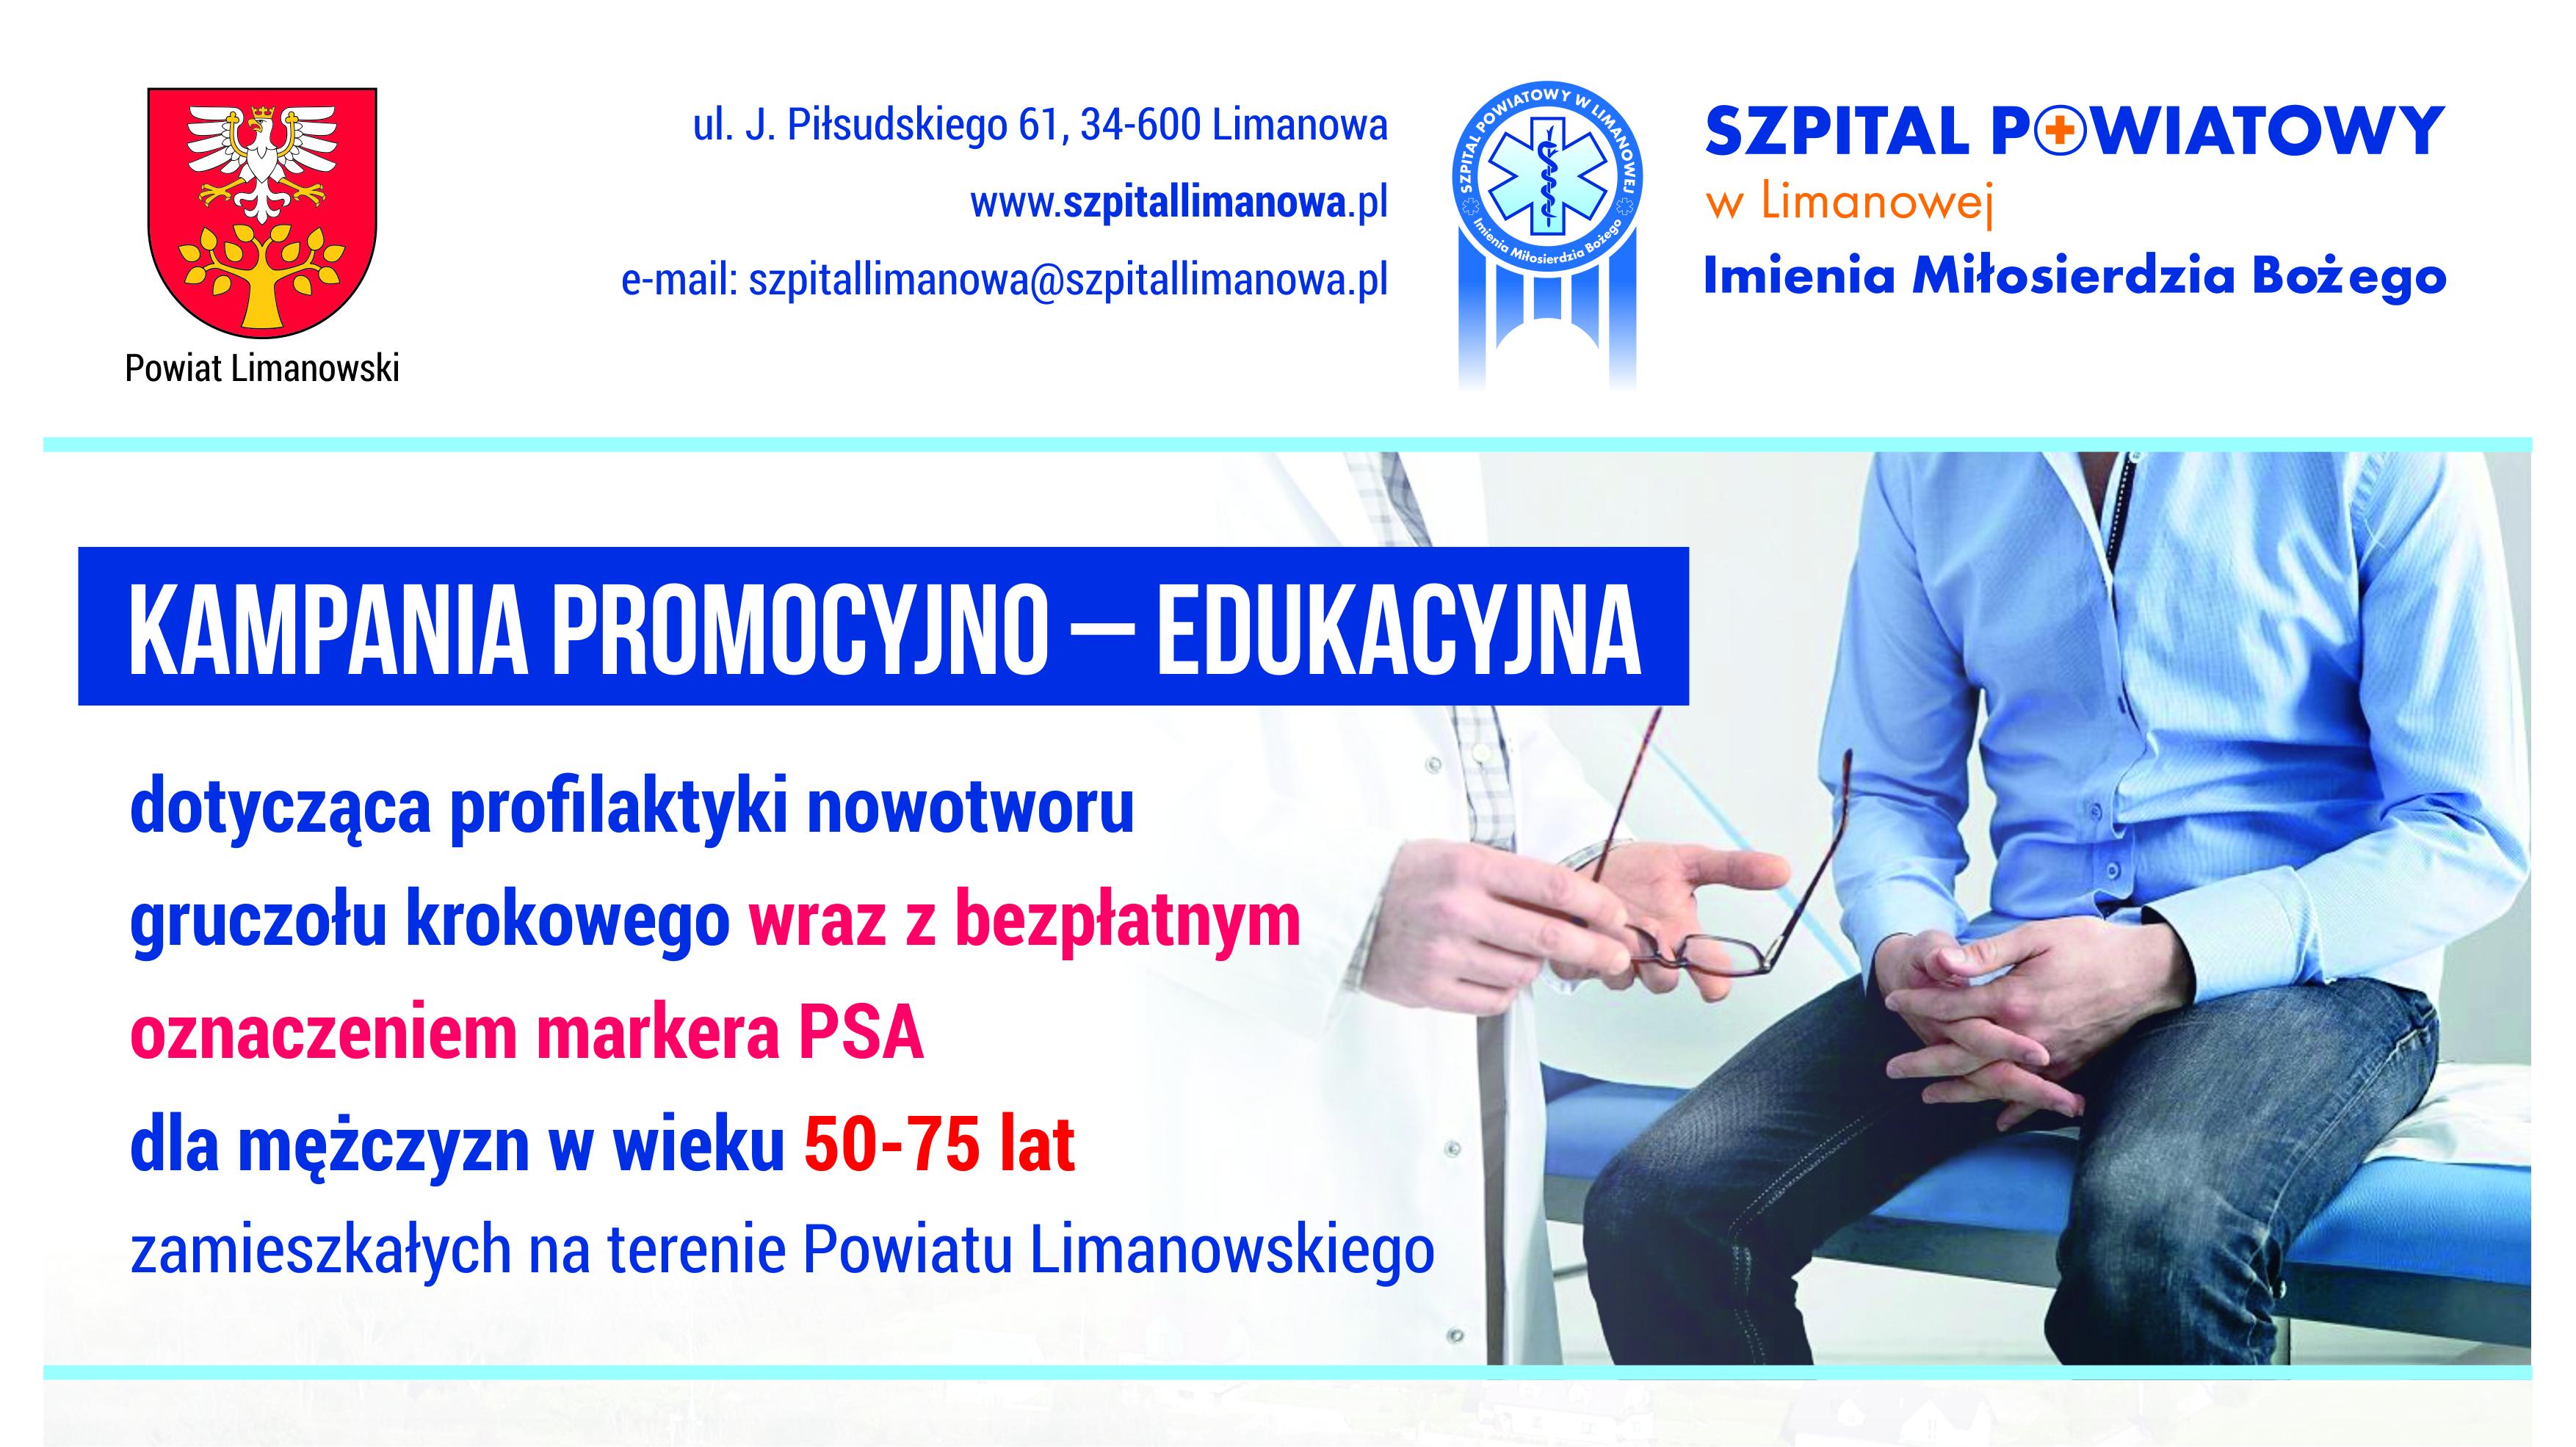 Kampania promocyjno -edukayjna Szpitala Powiatowego - plakat informacyjny 2